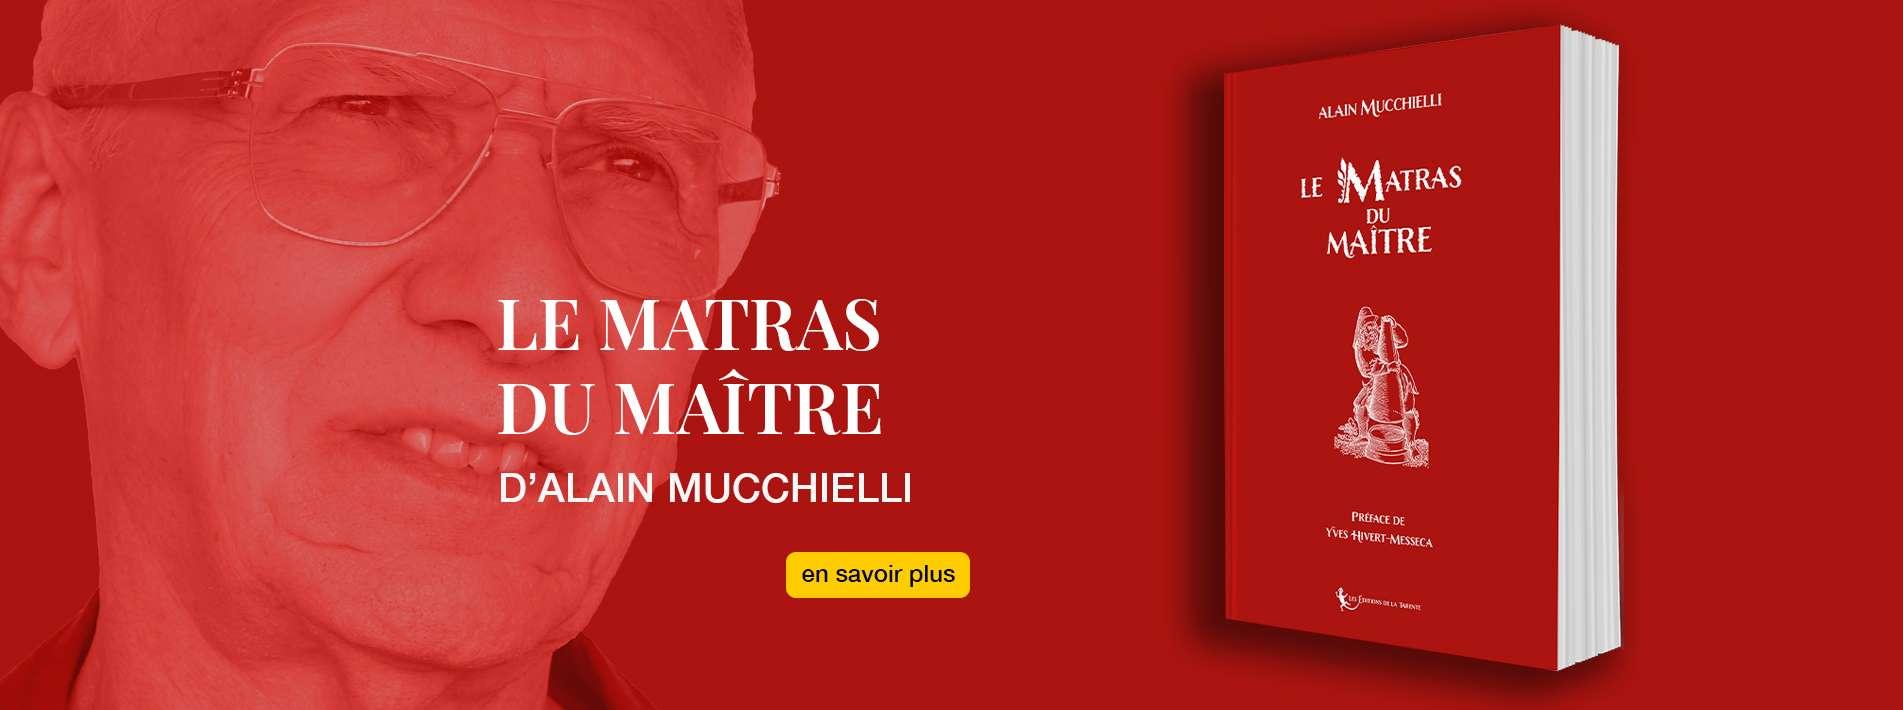 Le Matras du Maître d'Alain Mucchielli